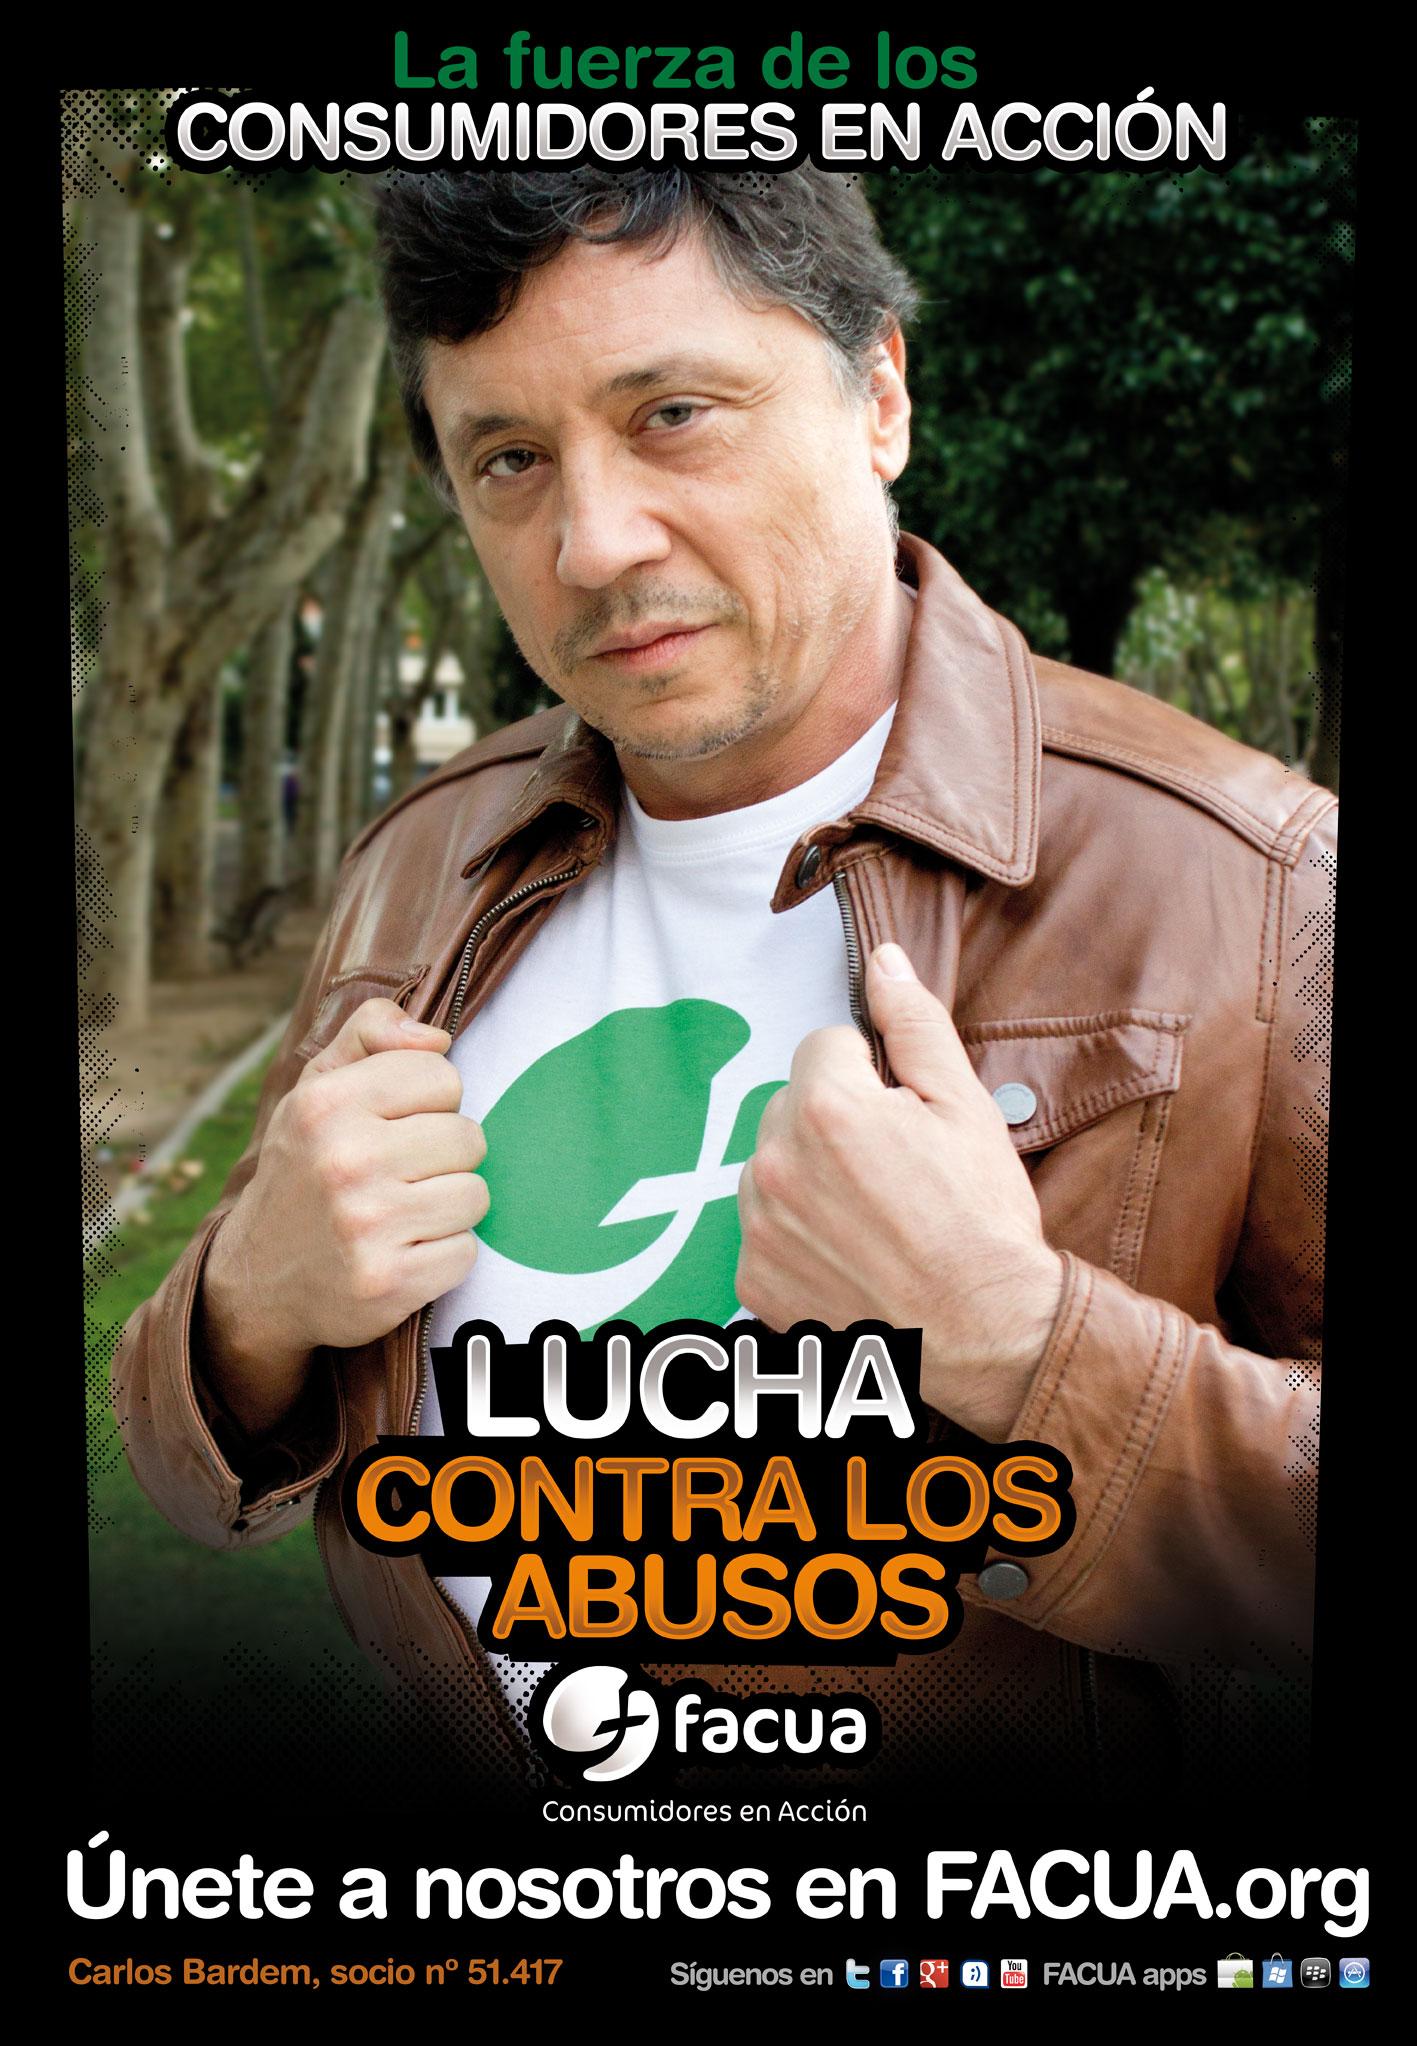 ¿Sabes que Carlos Bardem es socio de FACUA? Es uno de los #consumidoresenacción